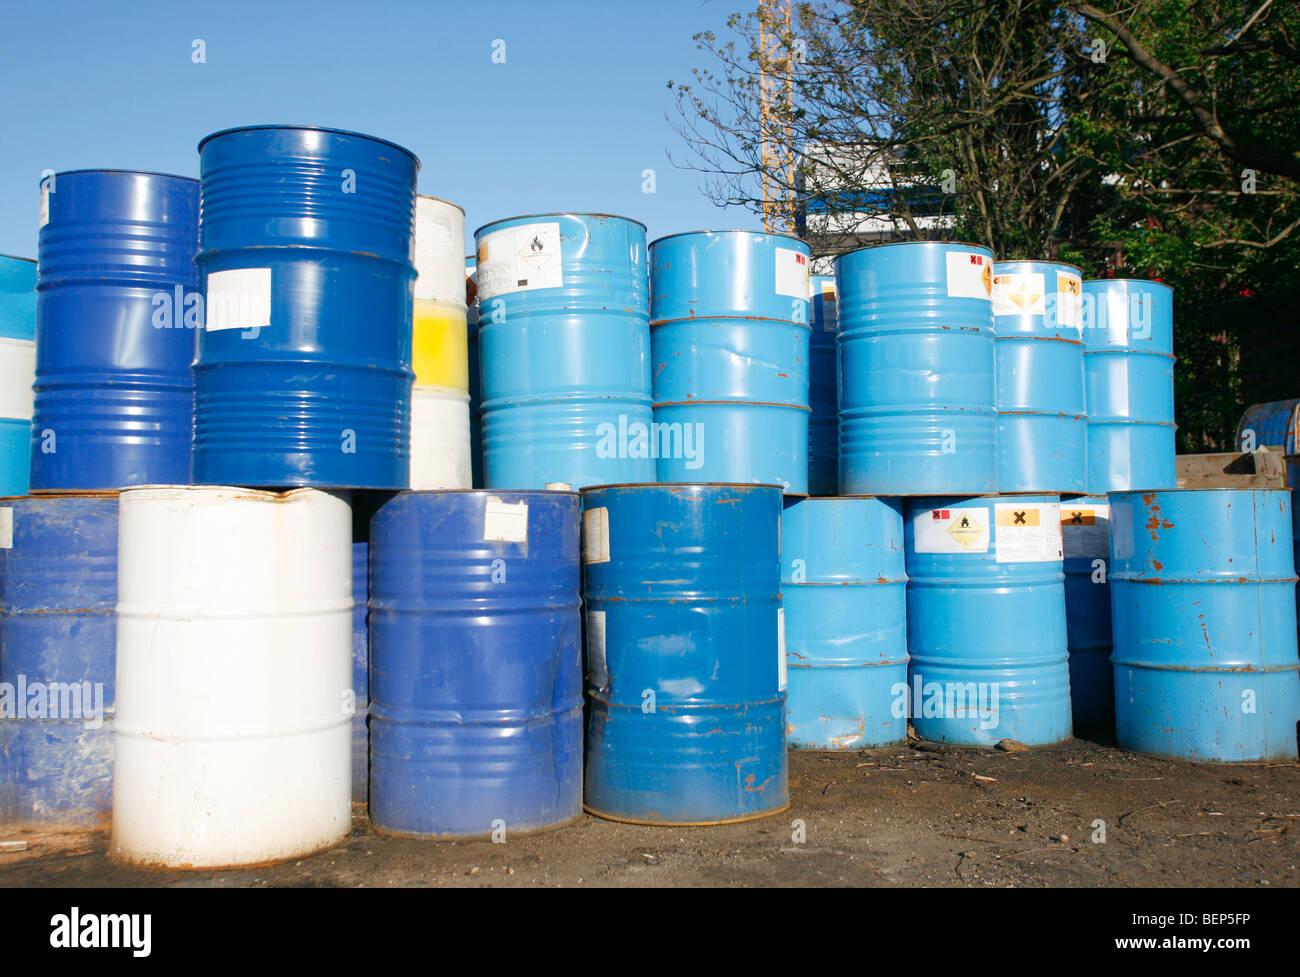 Geliebte Blaue und weiße Fass Container Ölfässer in Schrottplatz Stockfoto #FF_94